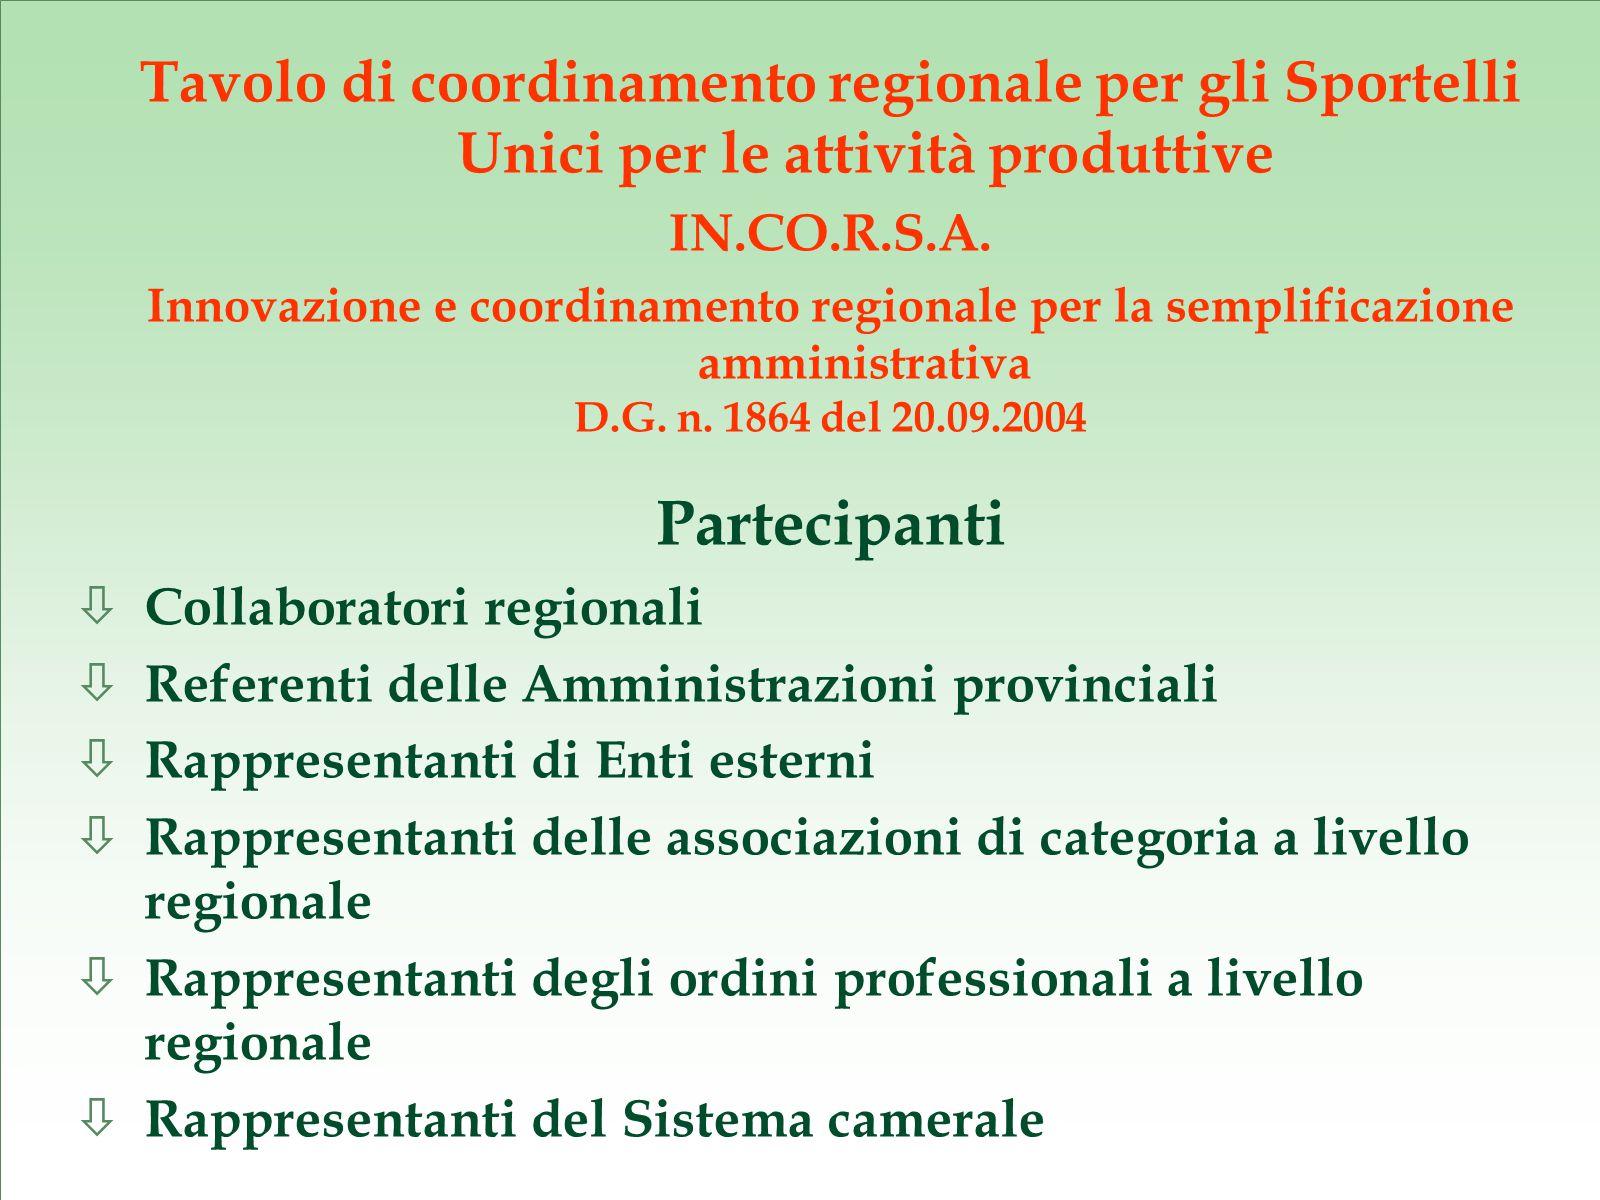 Comitato tecnico art.6, comma 3, del Regol.